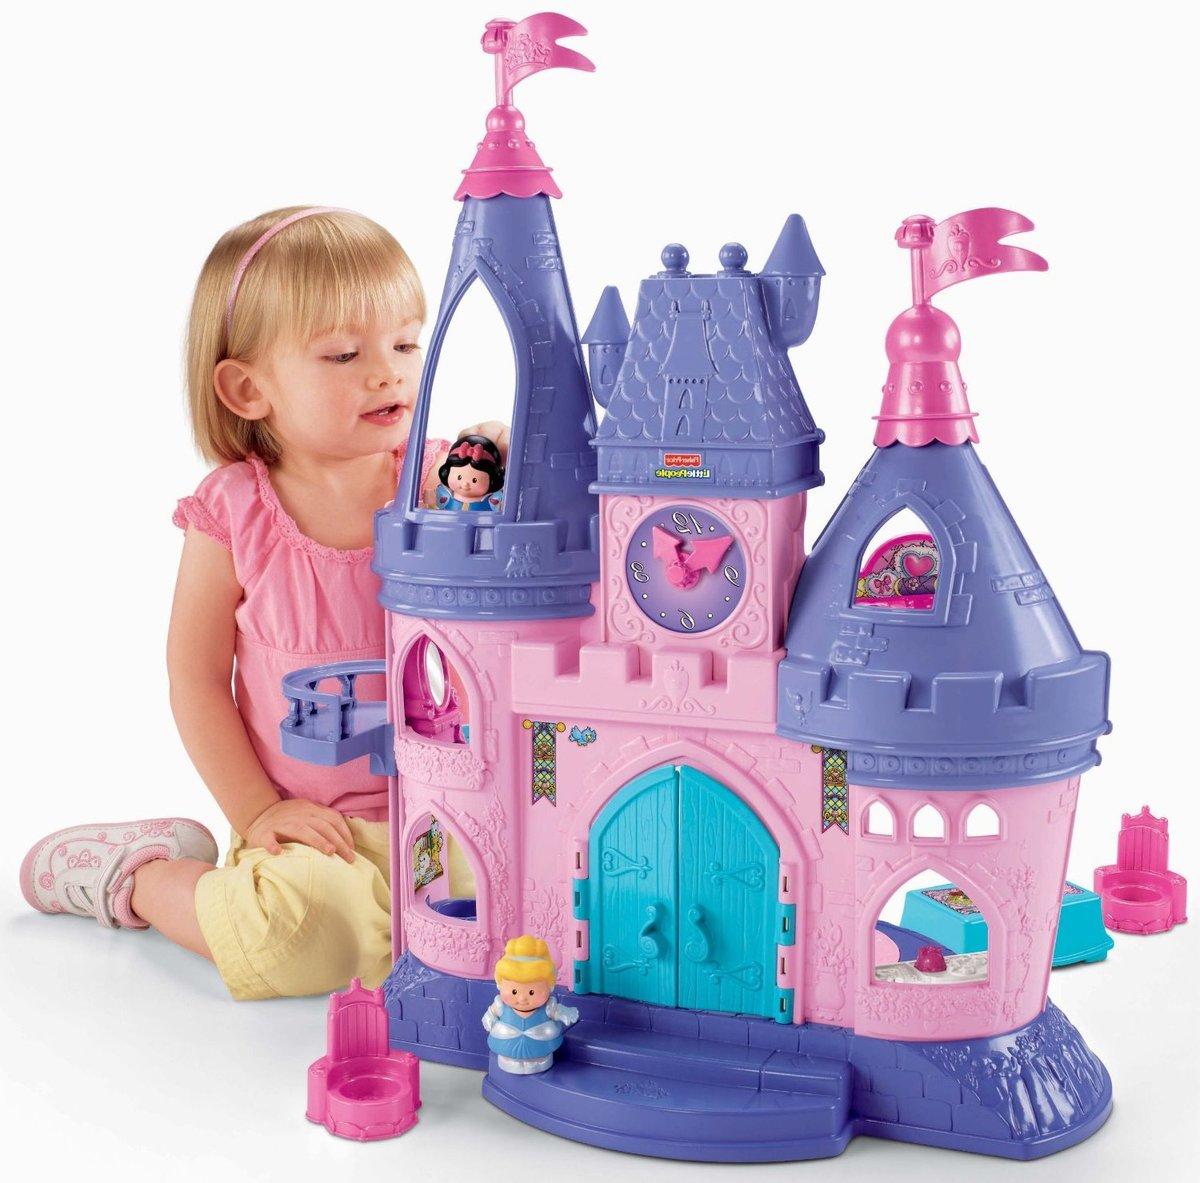 Необычные подарки ребенку на 4 года